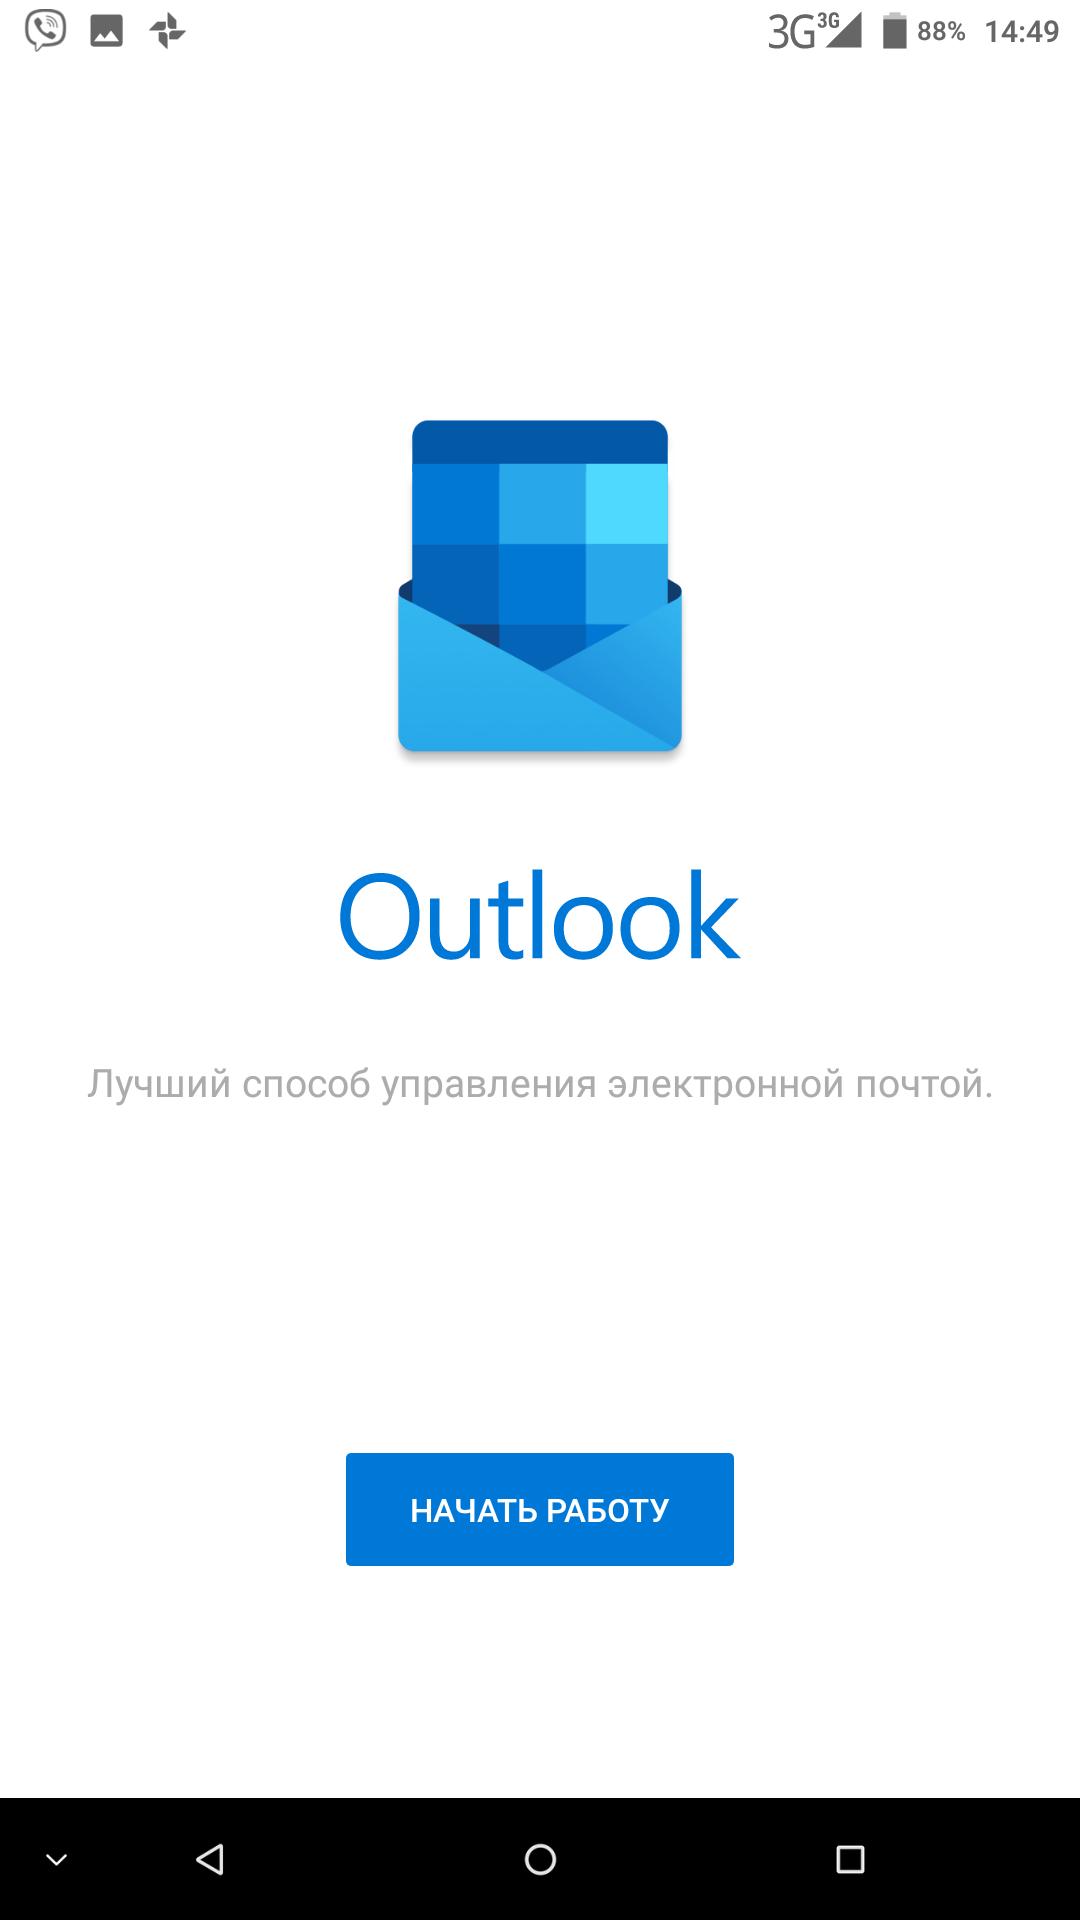 Как зайти на рабочую почту с телефона. Настройка электронной почты в приложении Outlook для Android